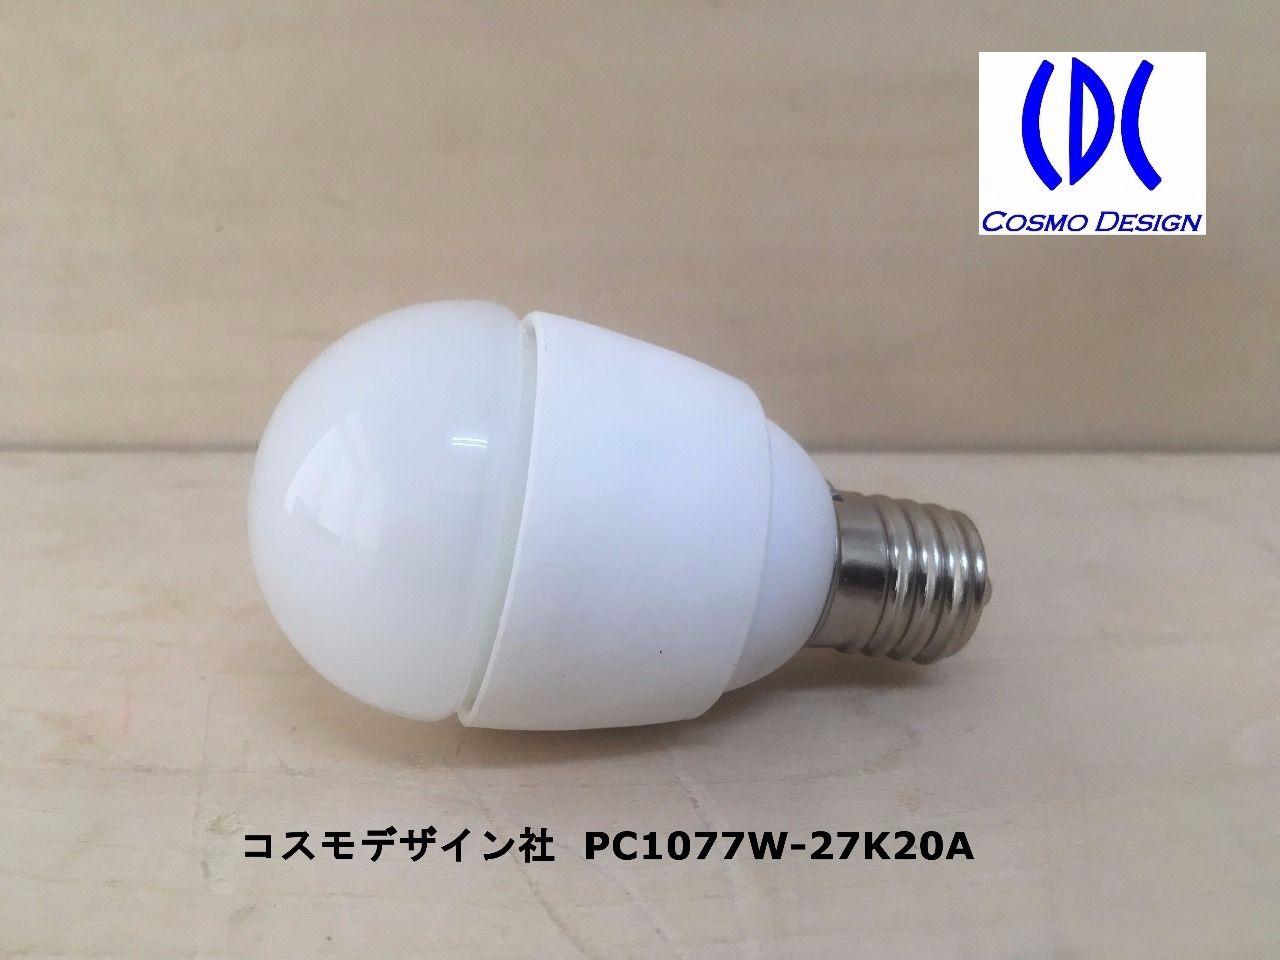 浴室照明で使えるLED電球!